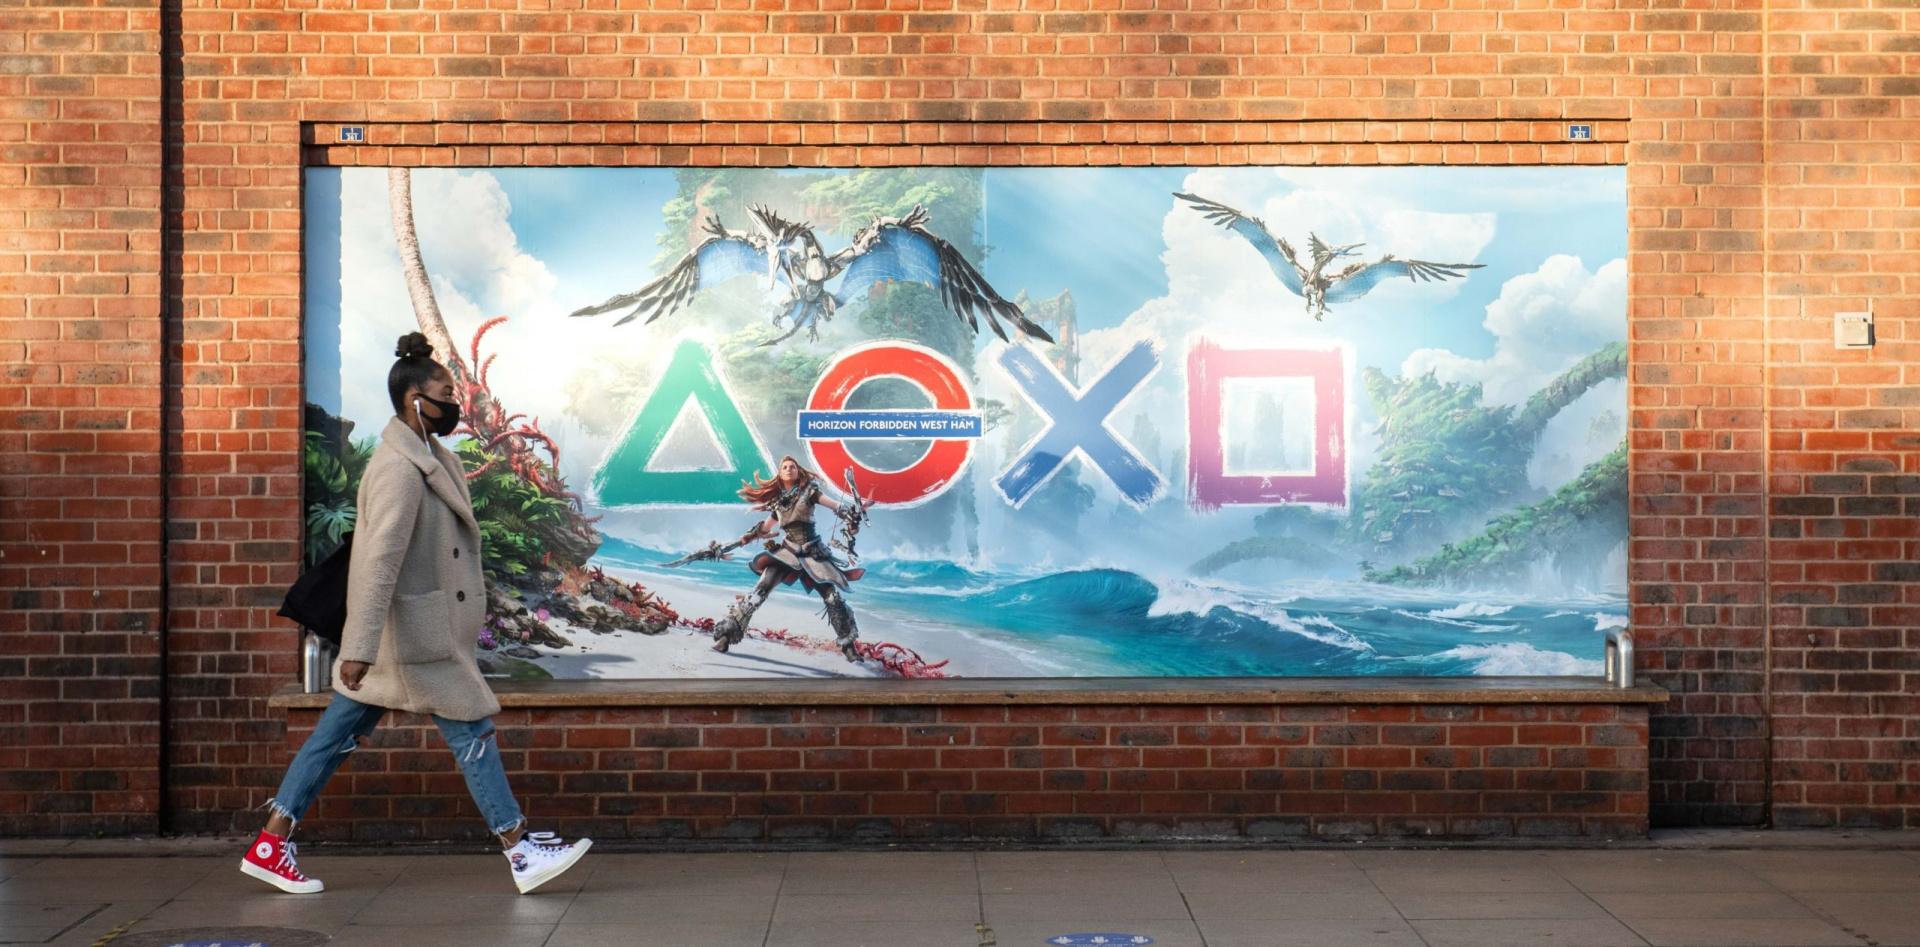 СМИ: PS5 показала в Британии лучший старт среди консолей